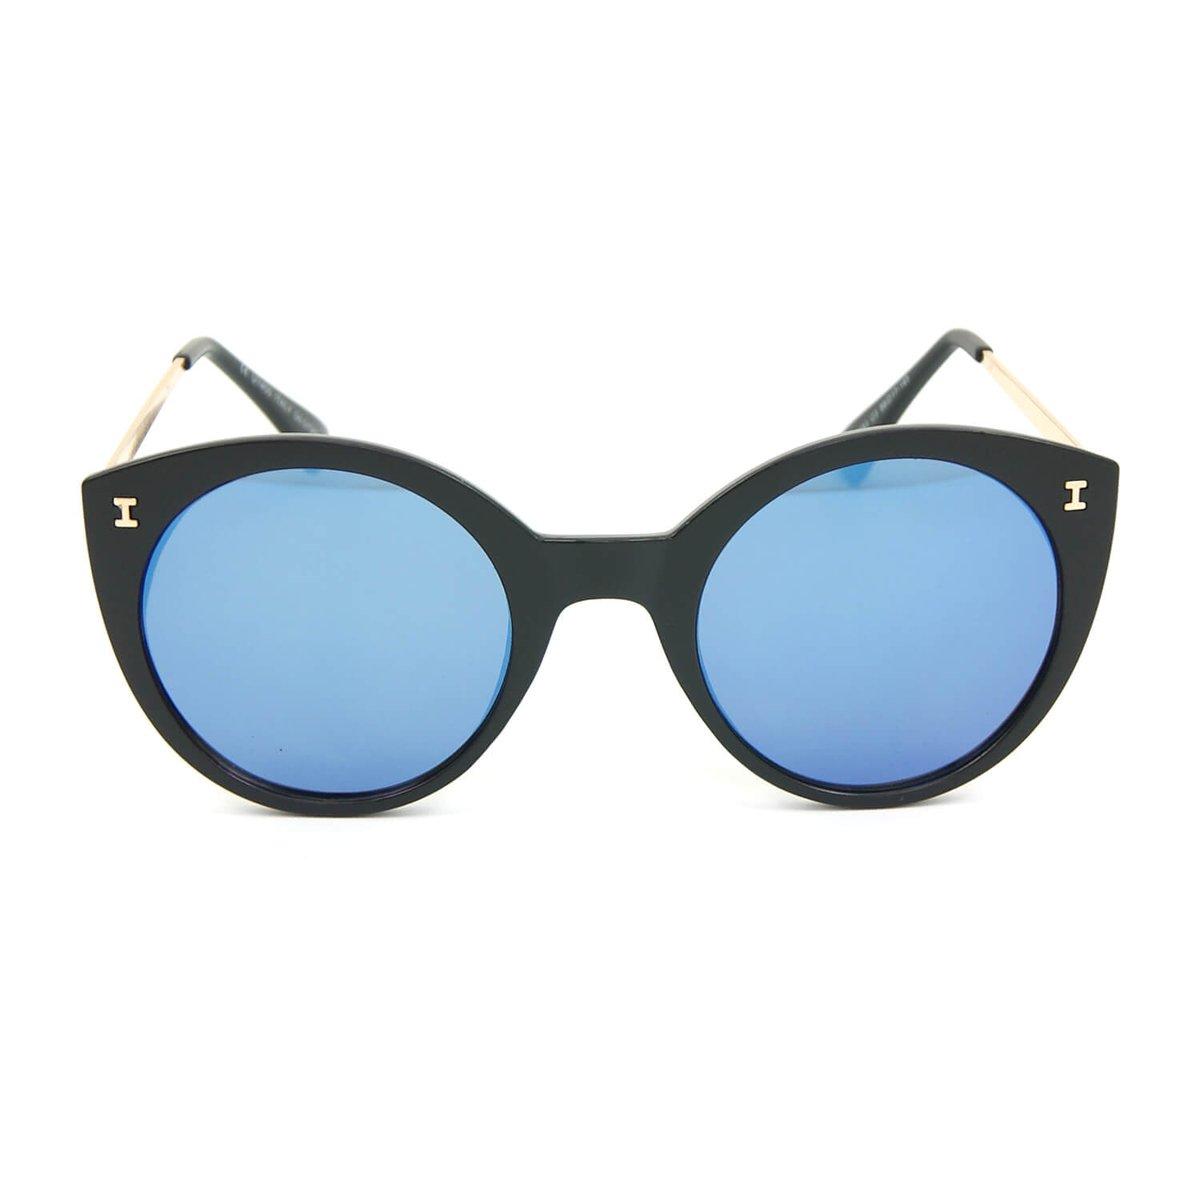 02a571f80 Óculos Bijoulux de Sol Espelhado Gatinha - Compre Agora | Zattini